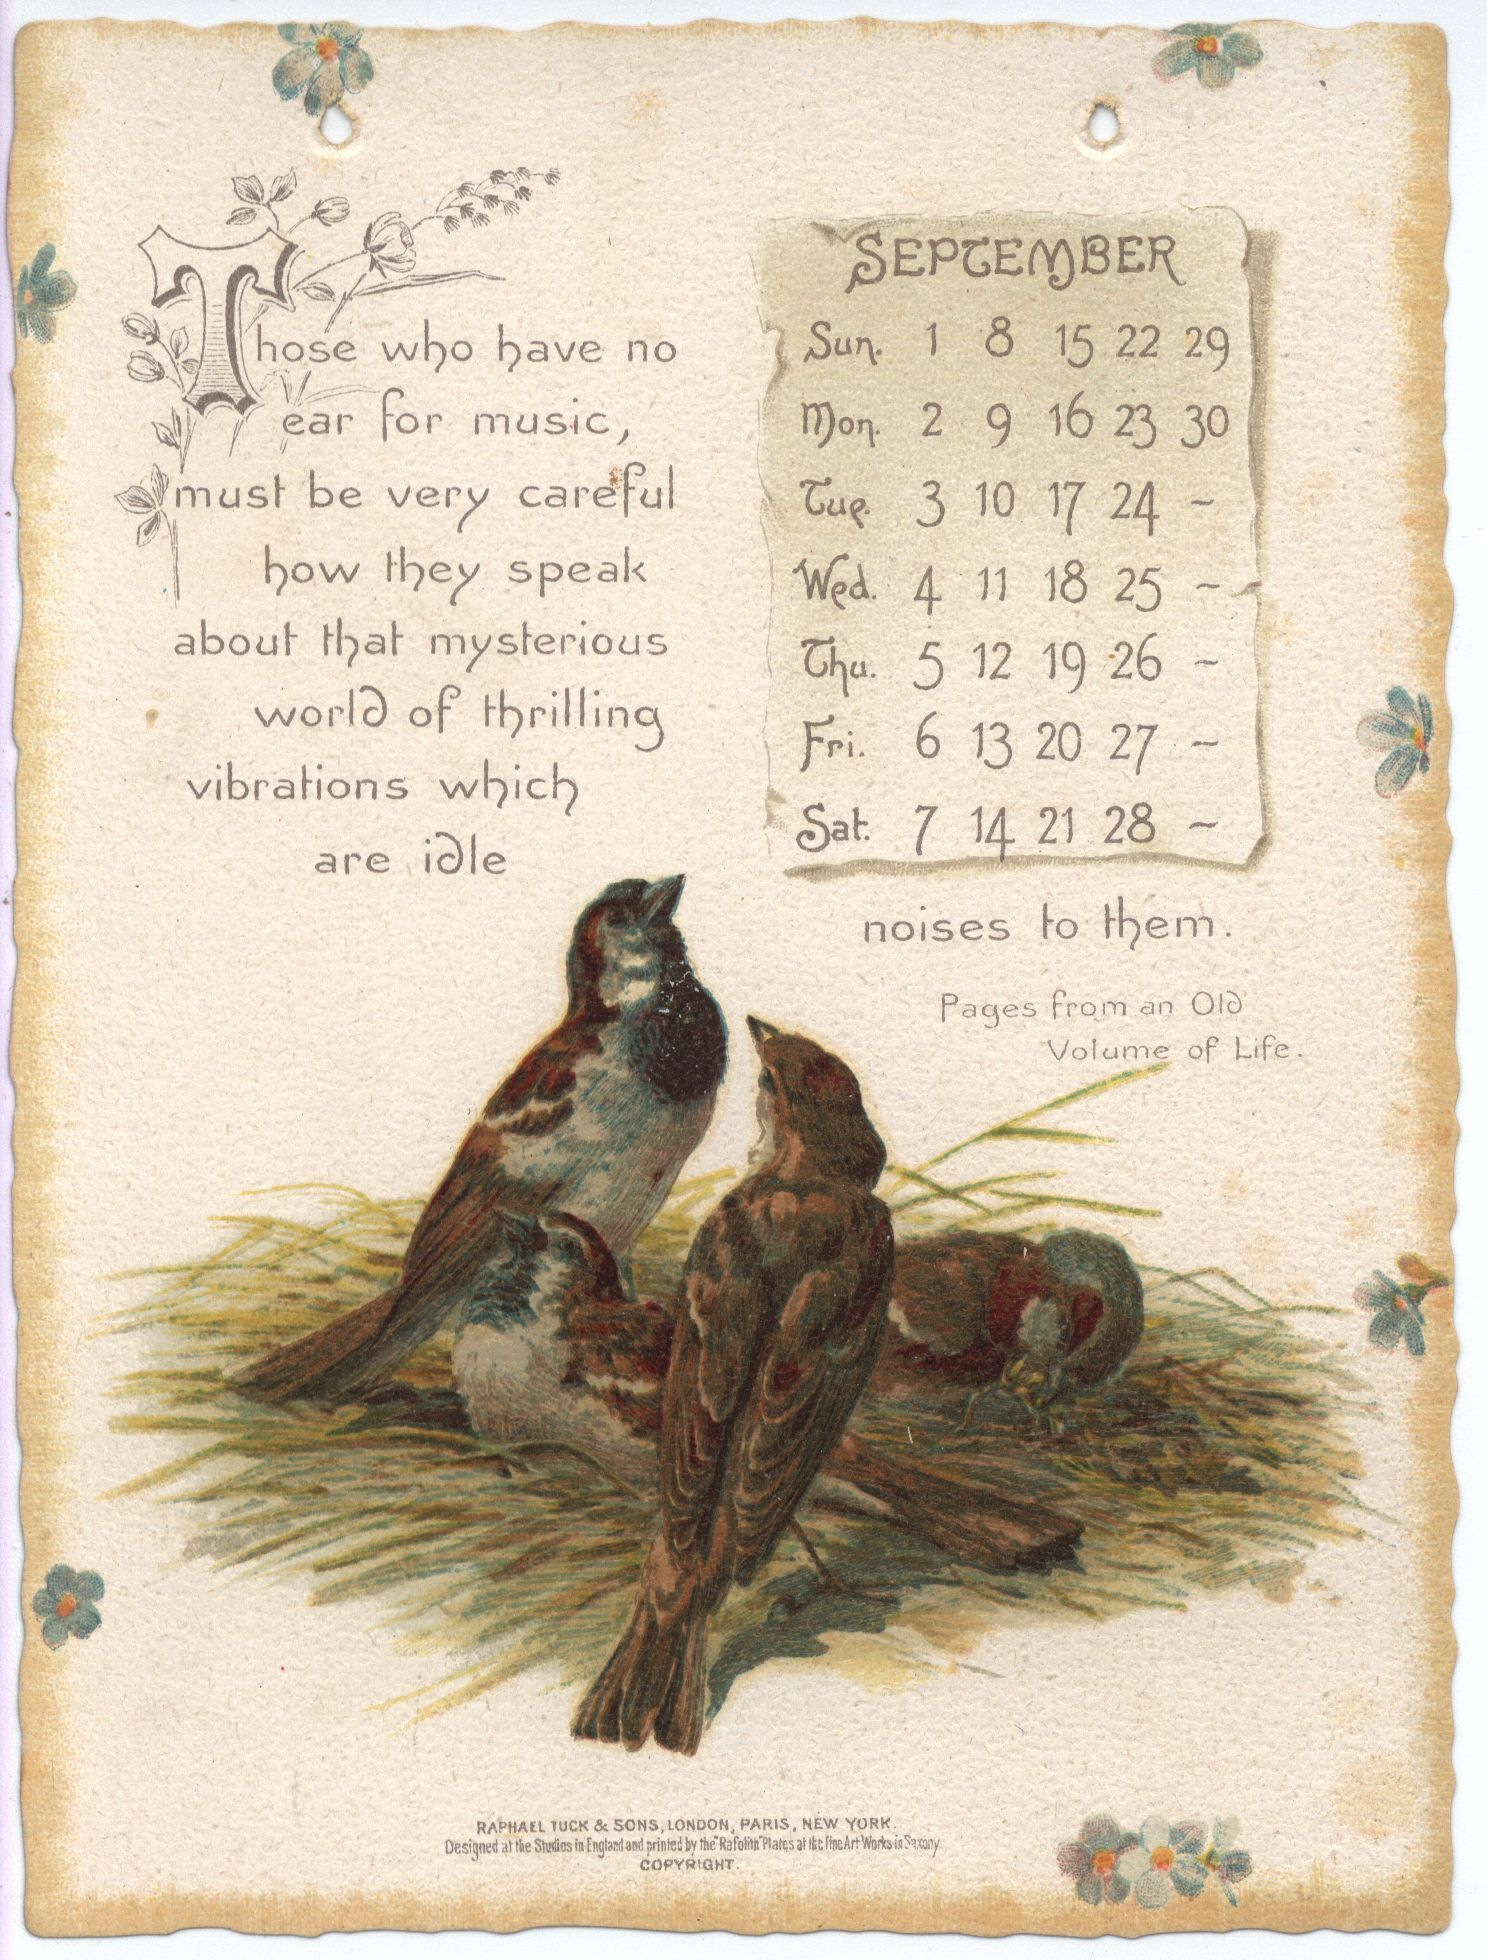 Oliver Wendell Holmes Calendar For 1895 With Images Vintage